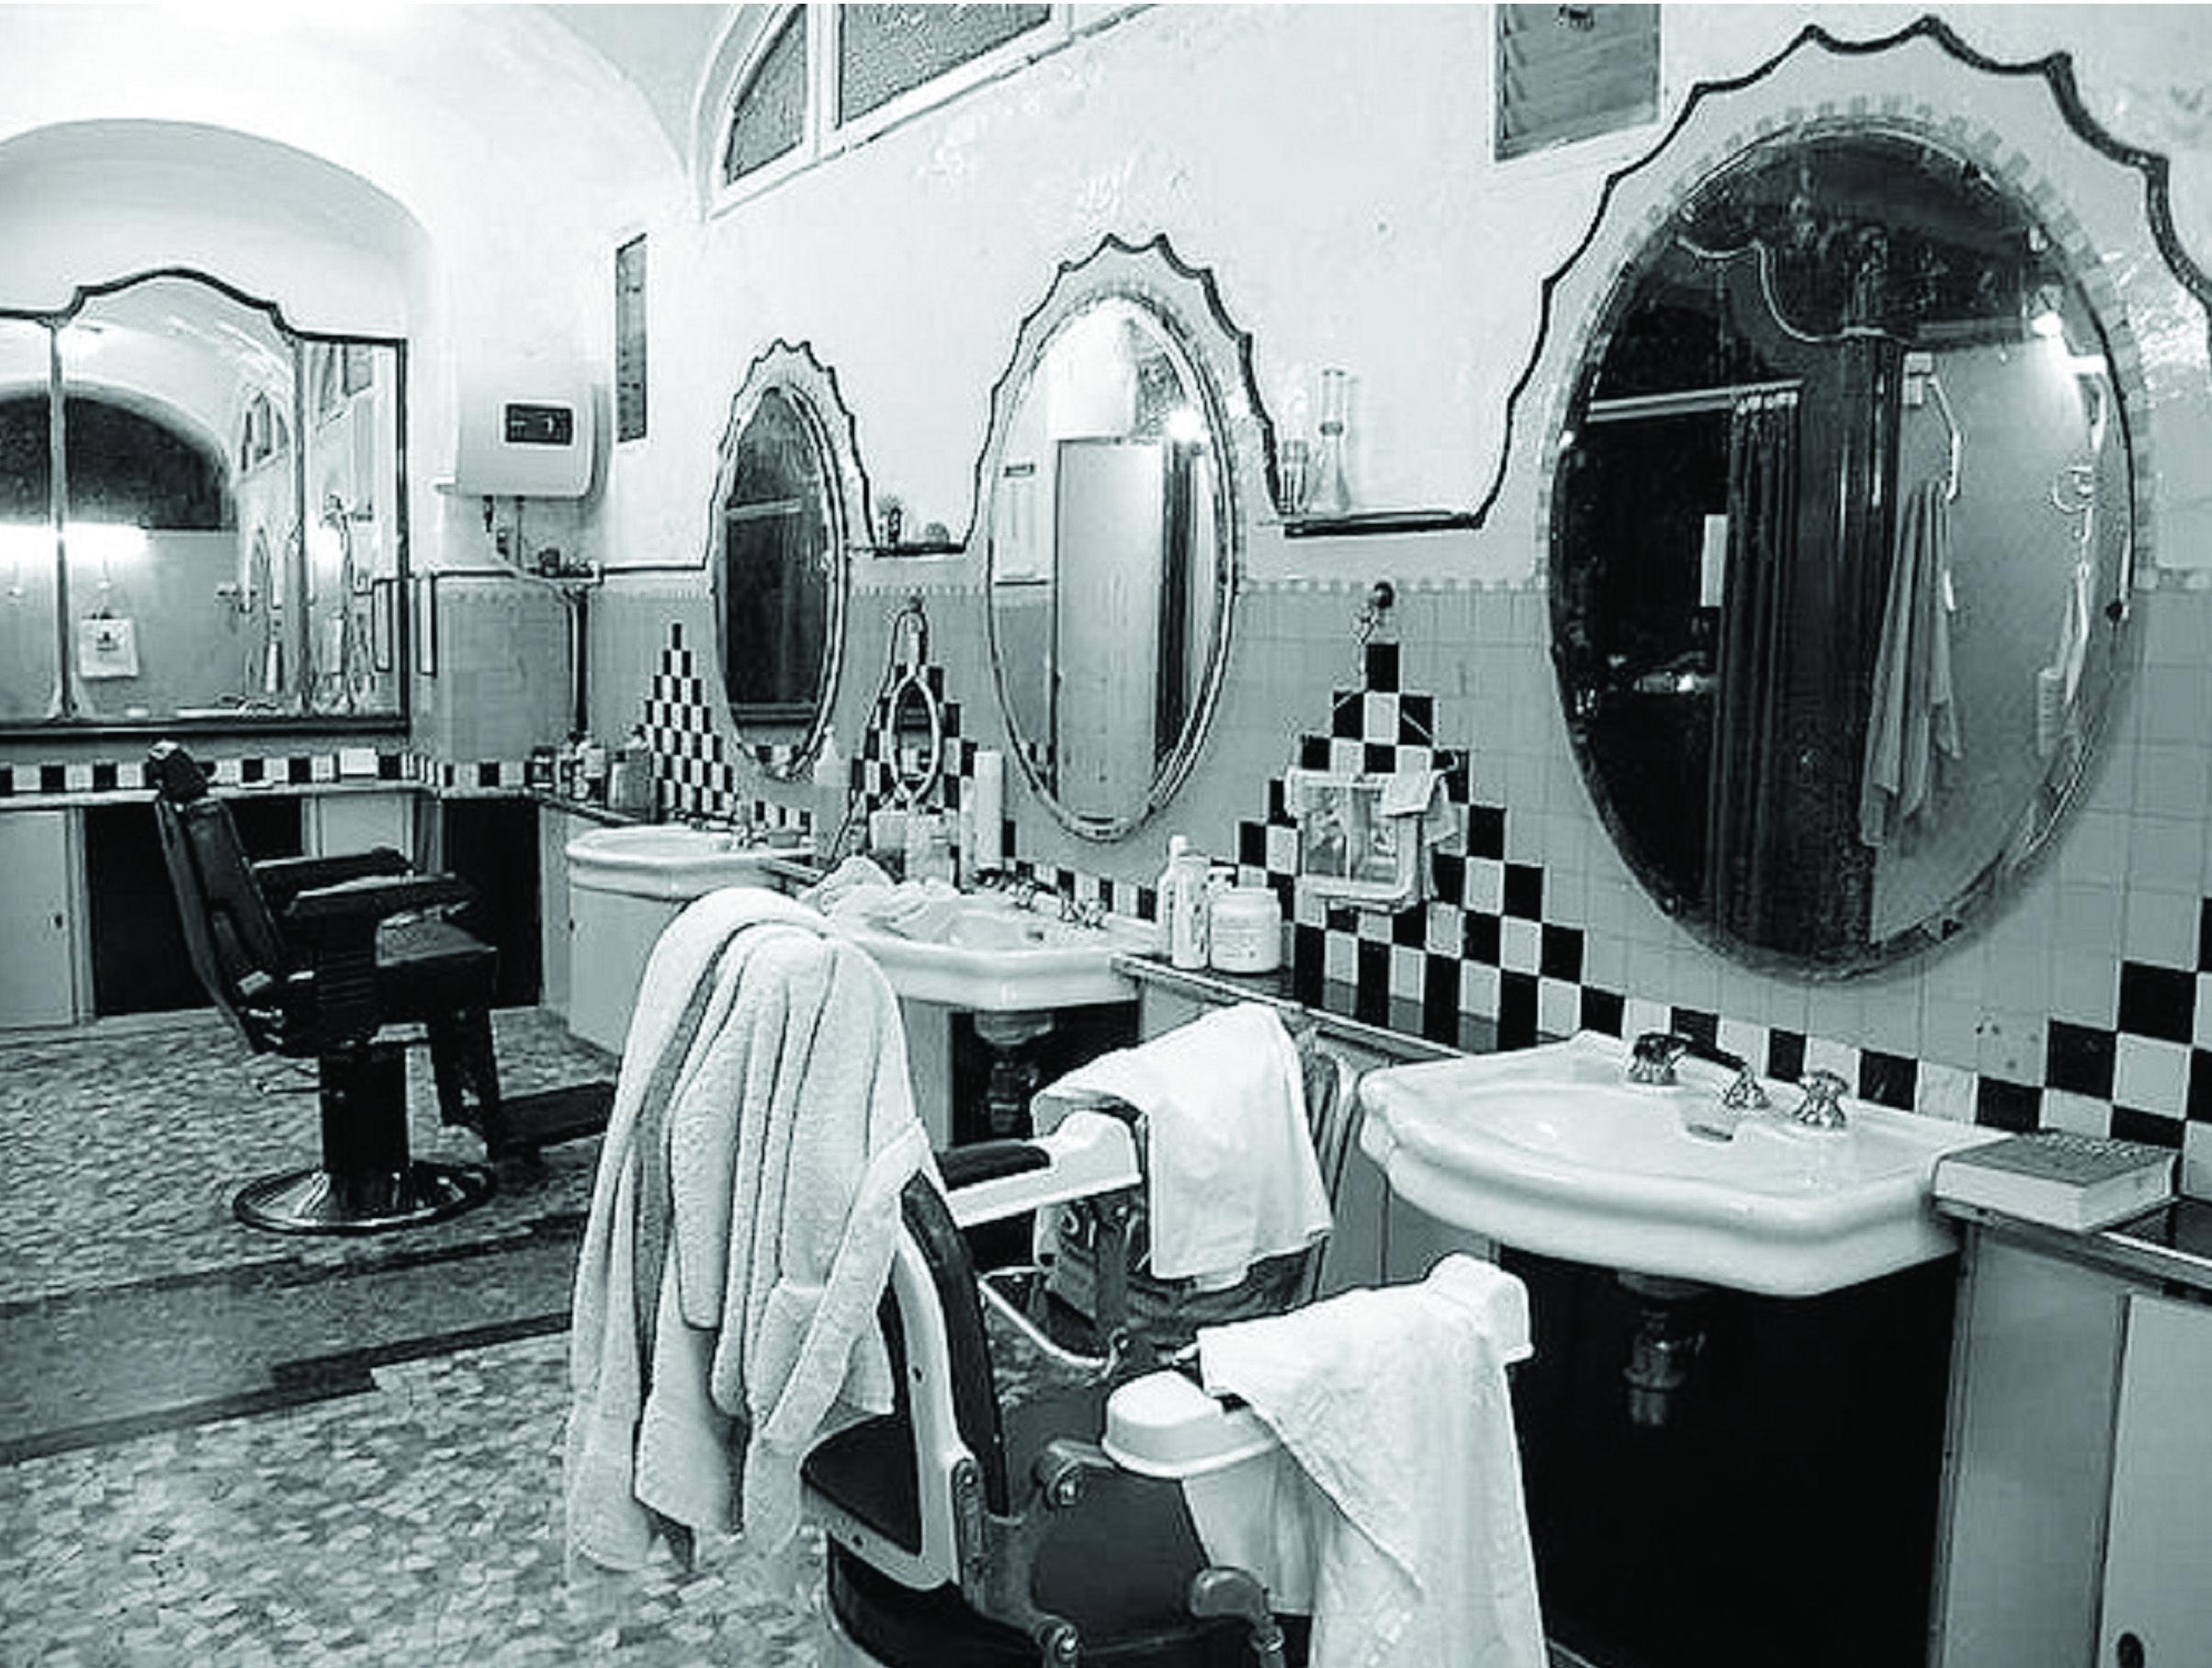 Albergo diurno venezia piazza oberdan milano interni for Interni salone